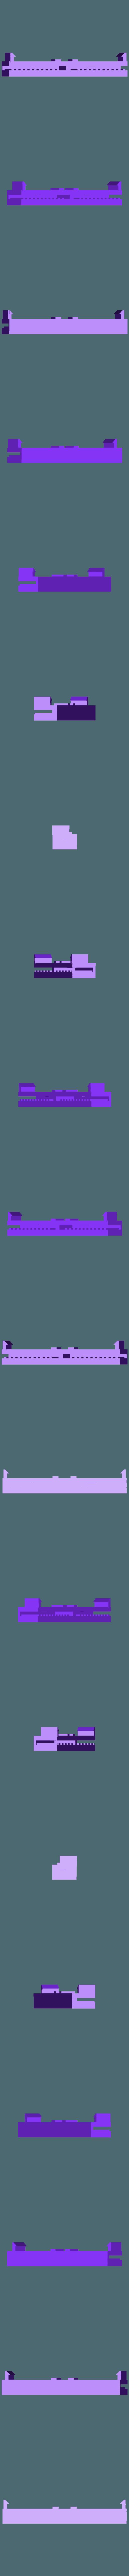 replicator_5_belt_clip.stl Télécharger fichier STL gratuit réplicateur de makerbot 5e clip de ceinture • Objet à imprimer en 3D, Punisher_4u